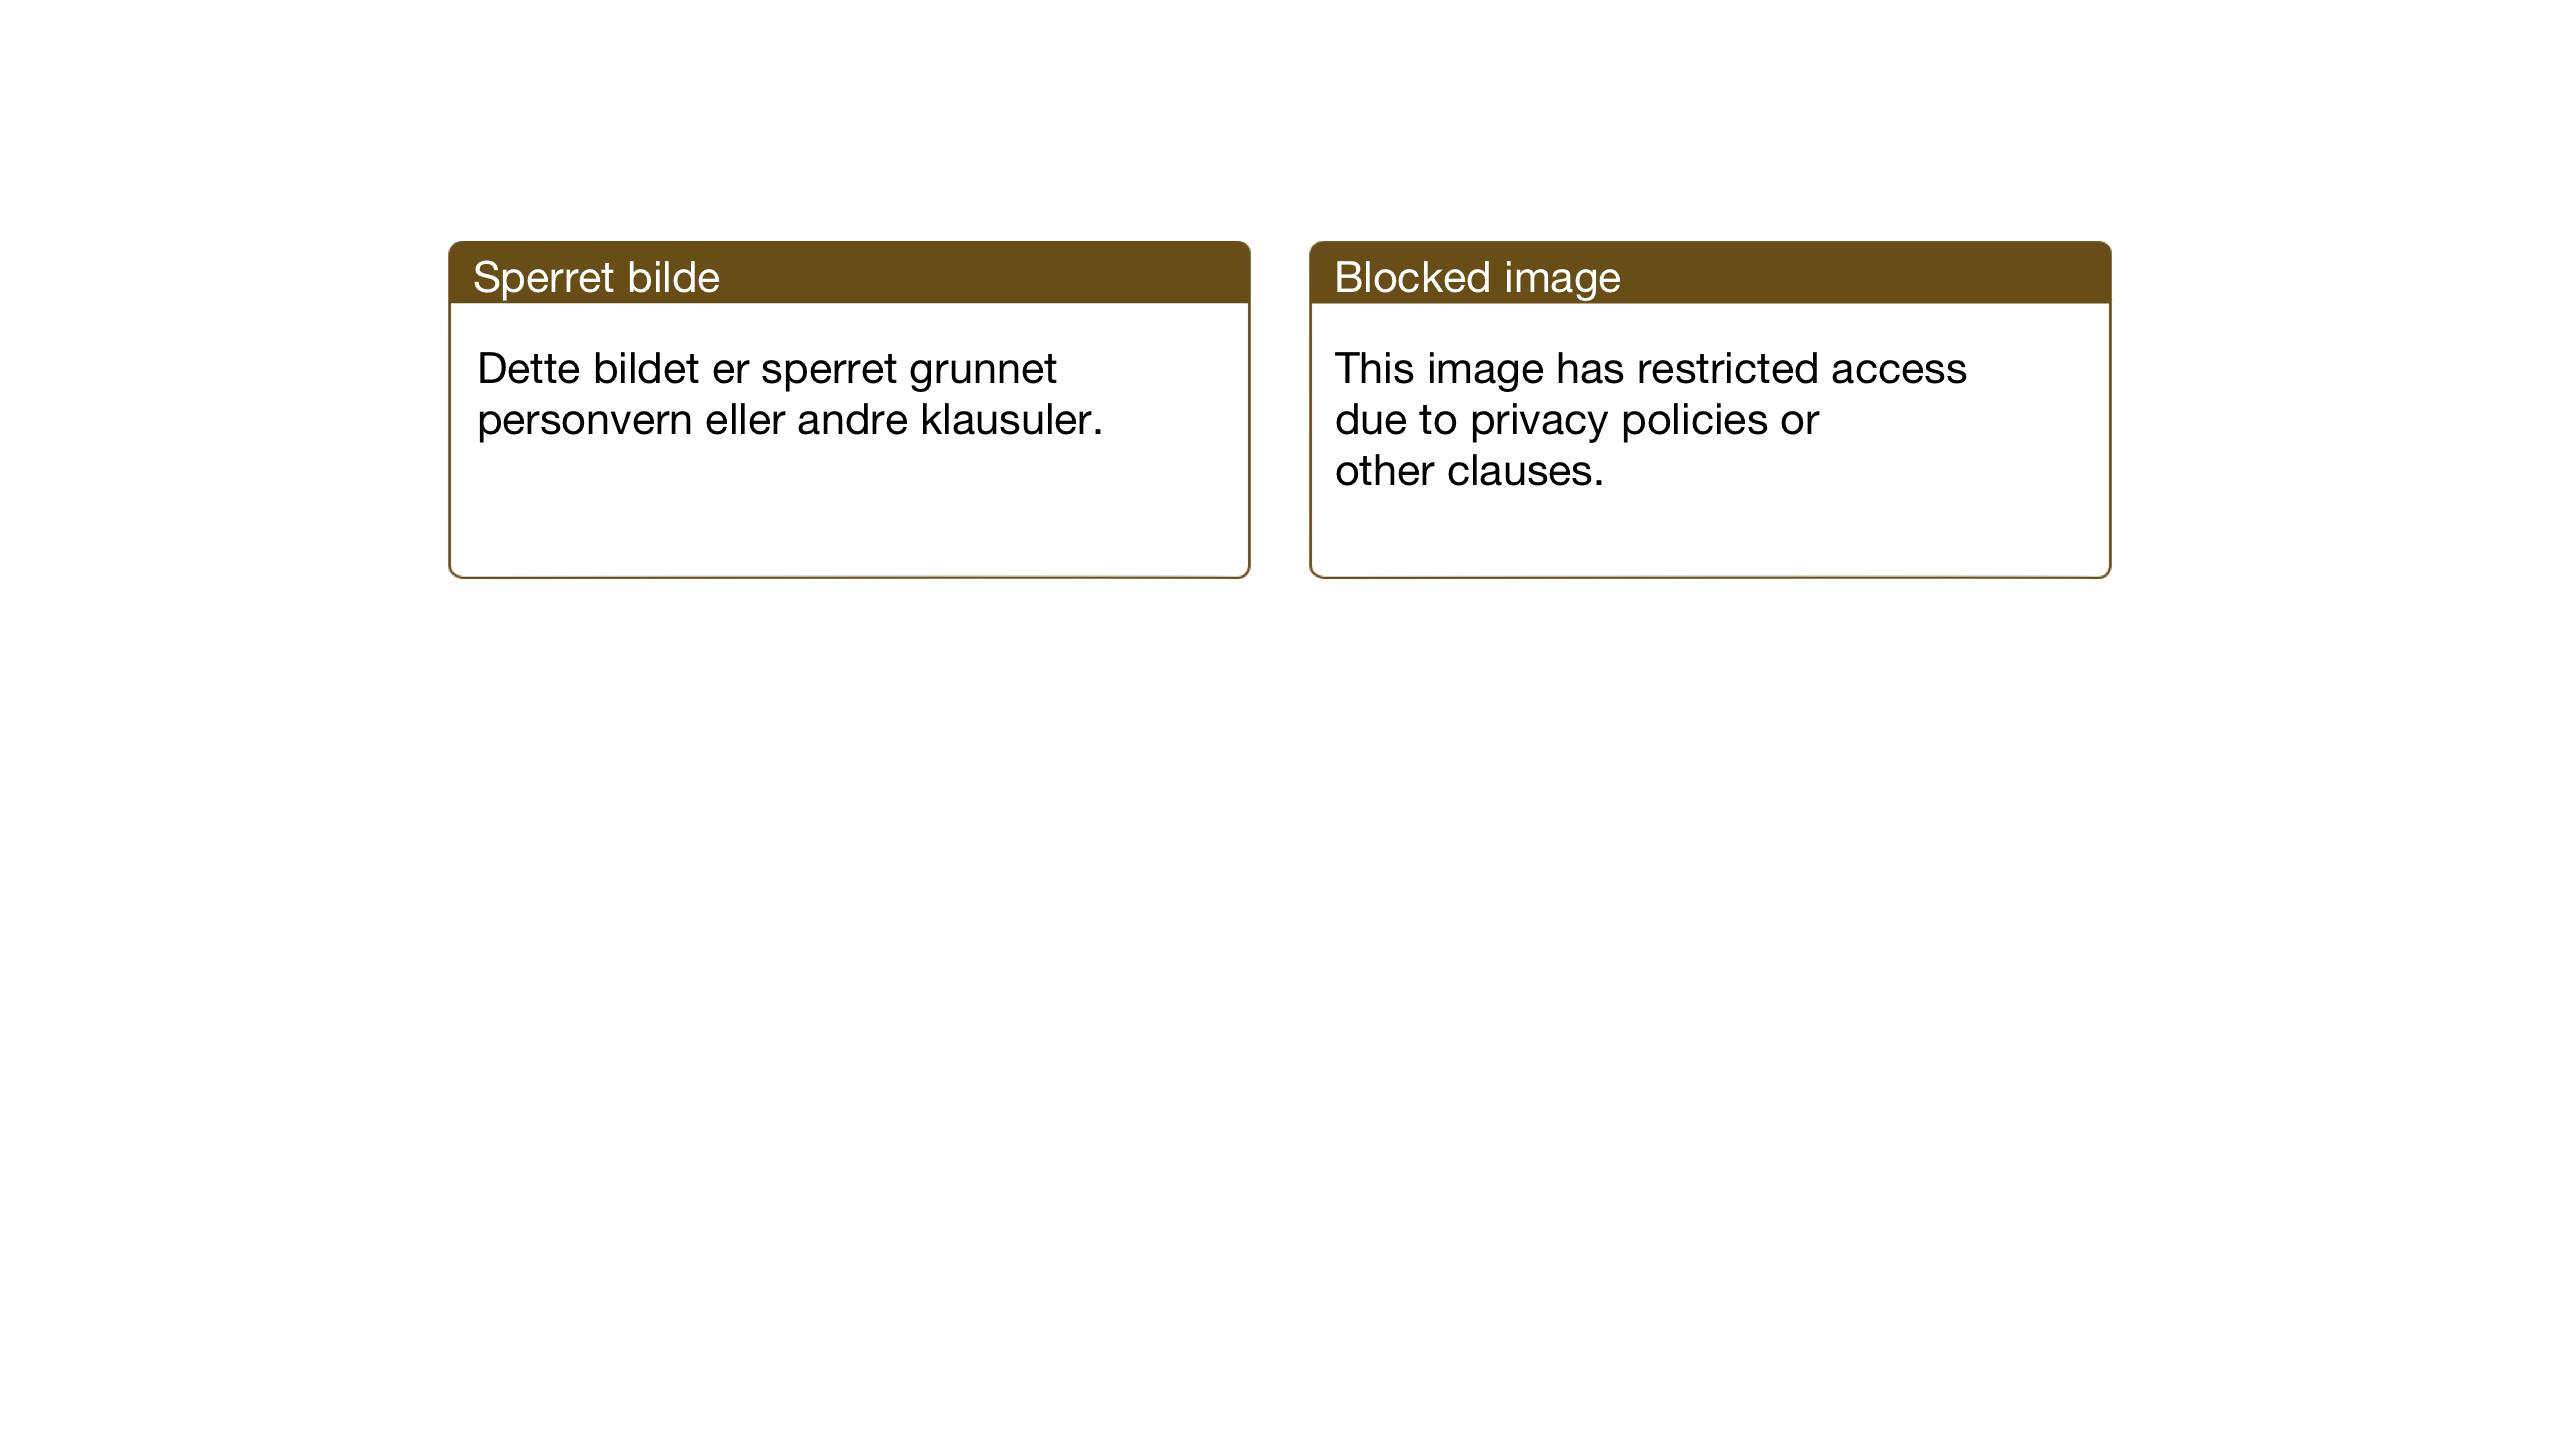 SAT, Ministerialprotokoller, klokkerbøker og fødselsregistre - Nord-Trøndelag, 701/L0019: Klokkerbok nr. 701C03, 1930-1953, s. 33